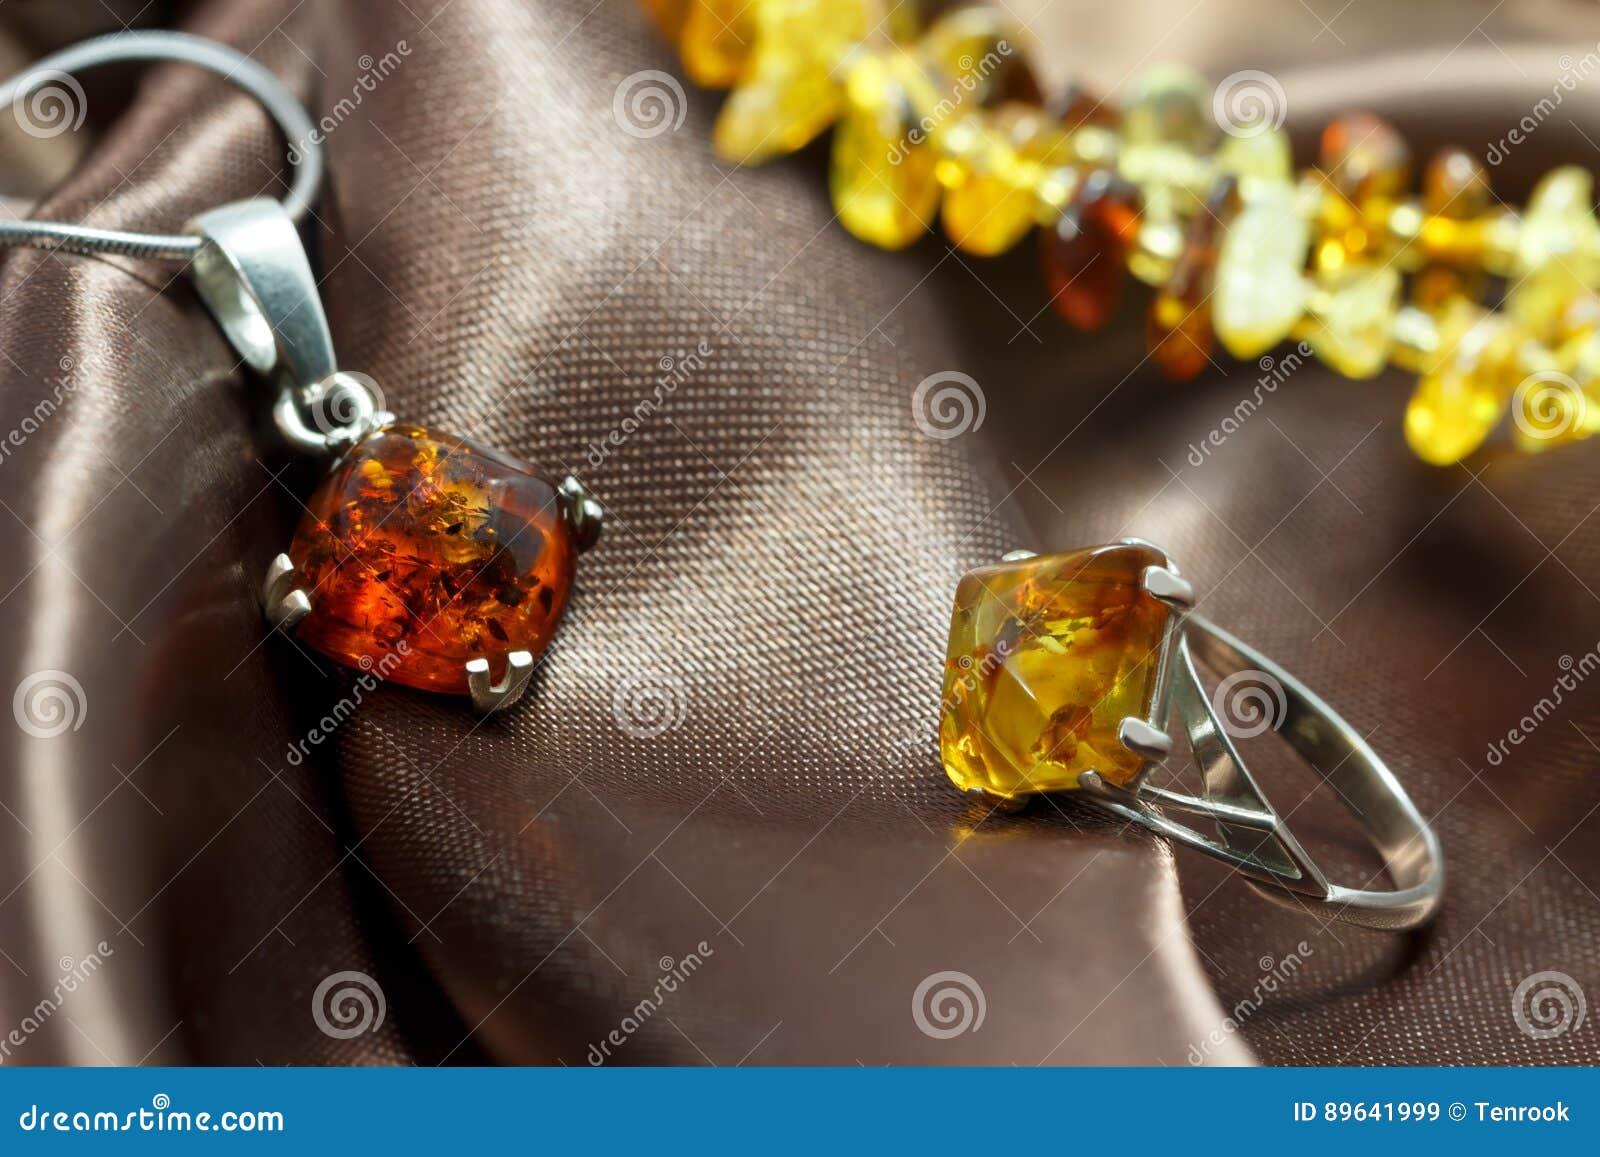 Gioielli del primo piano con ambra baltica naturale for Piani principali del primo piano